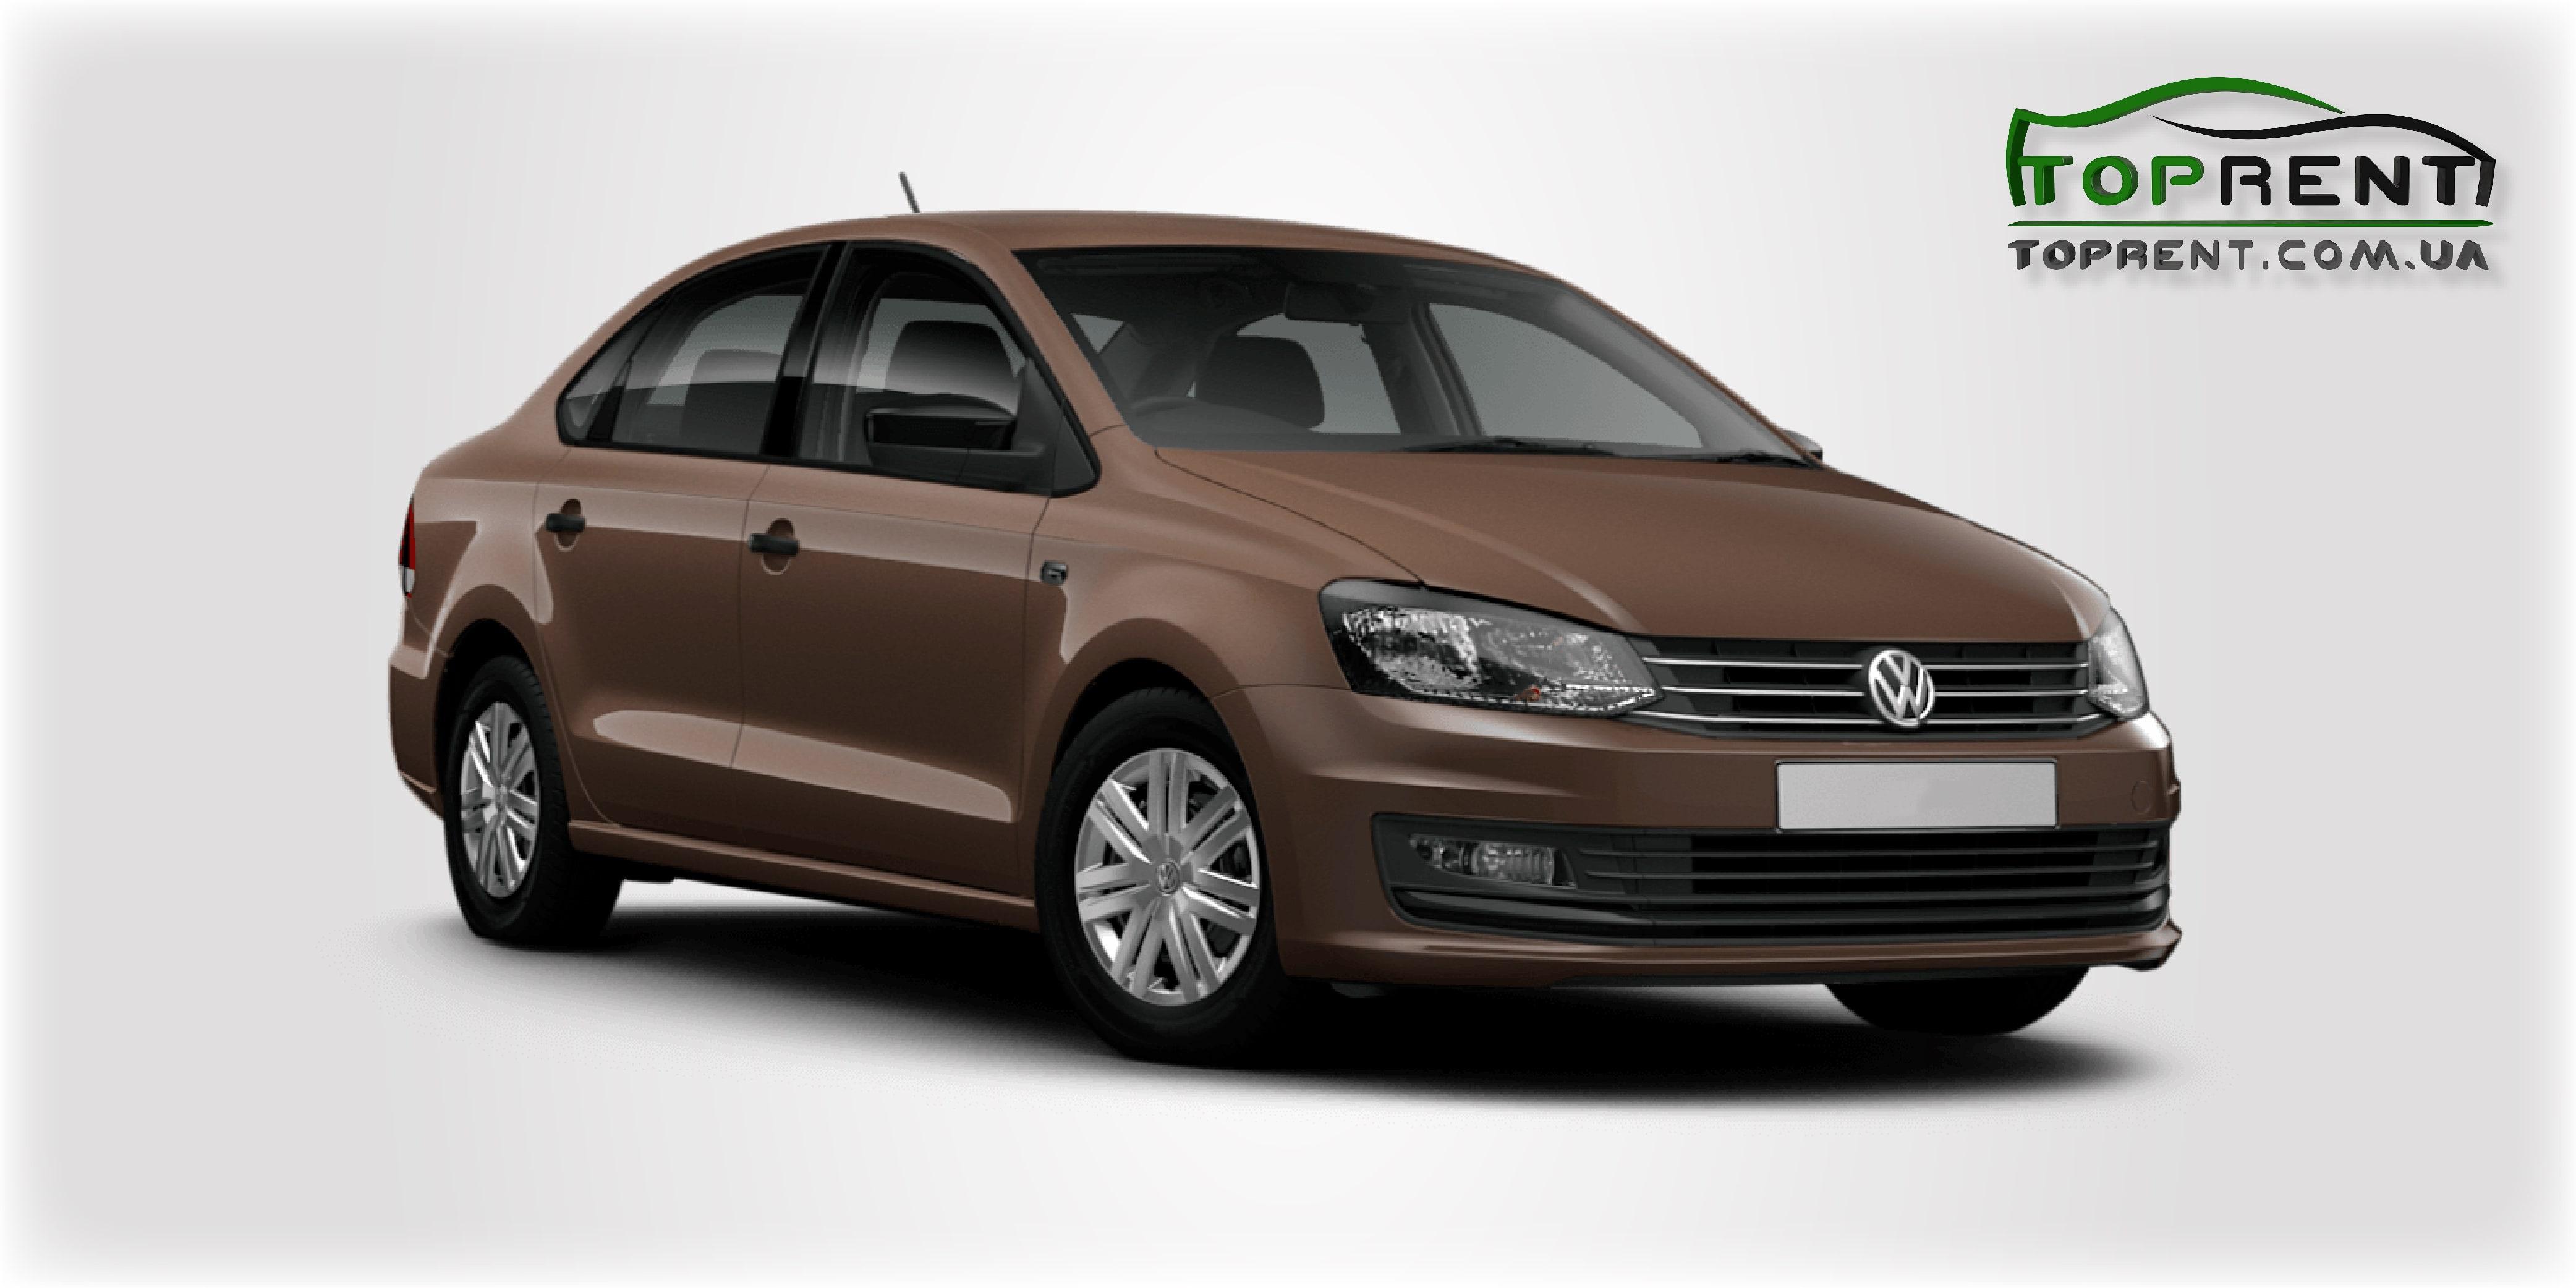 Прокат и аренда авто VW Polo sedan 2017 - фото 1   TOPrent.com.ua